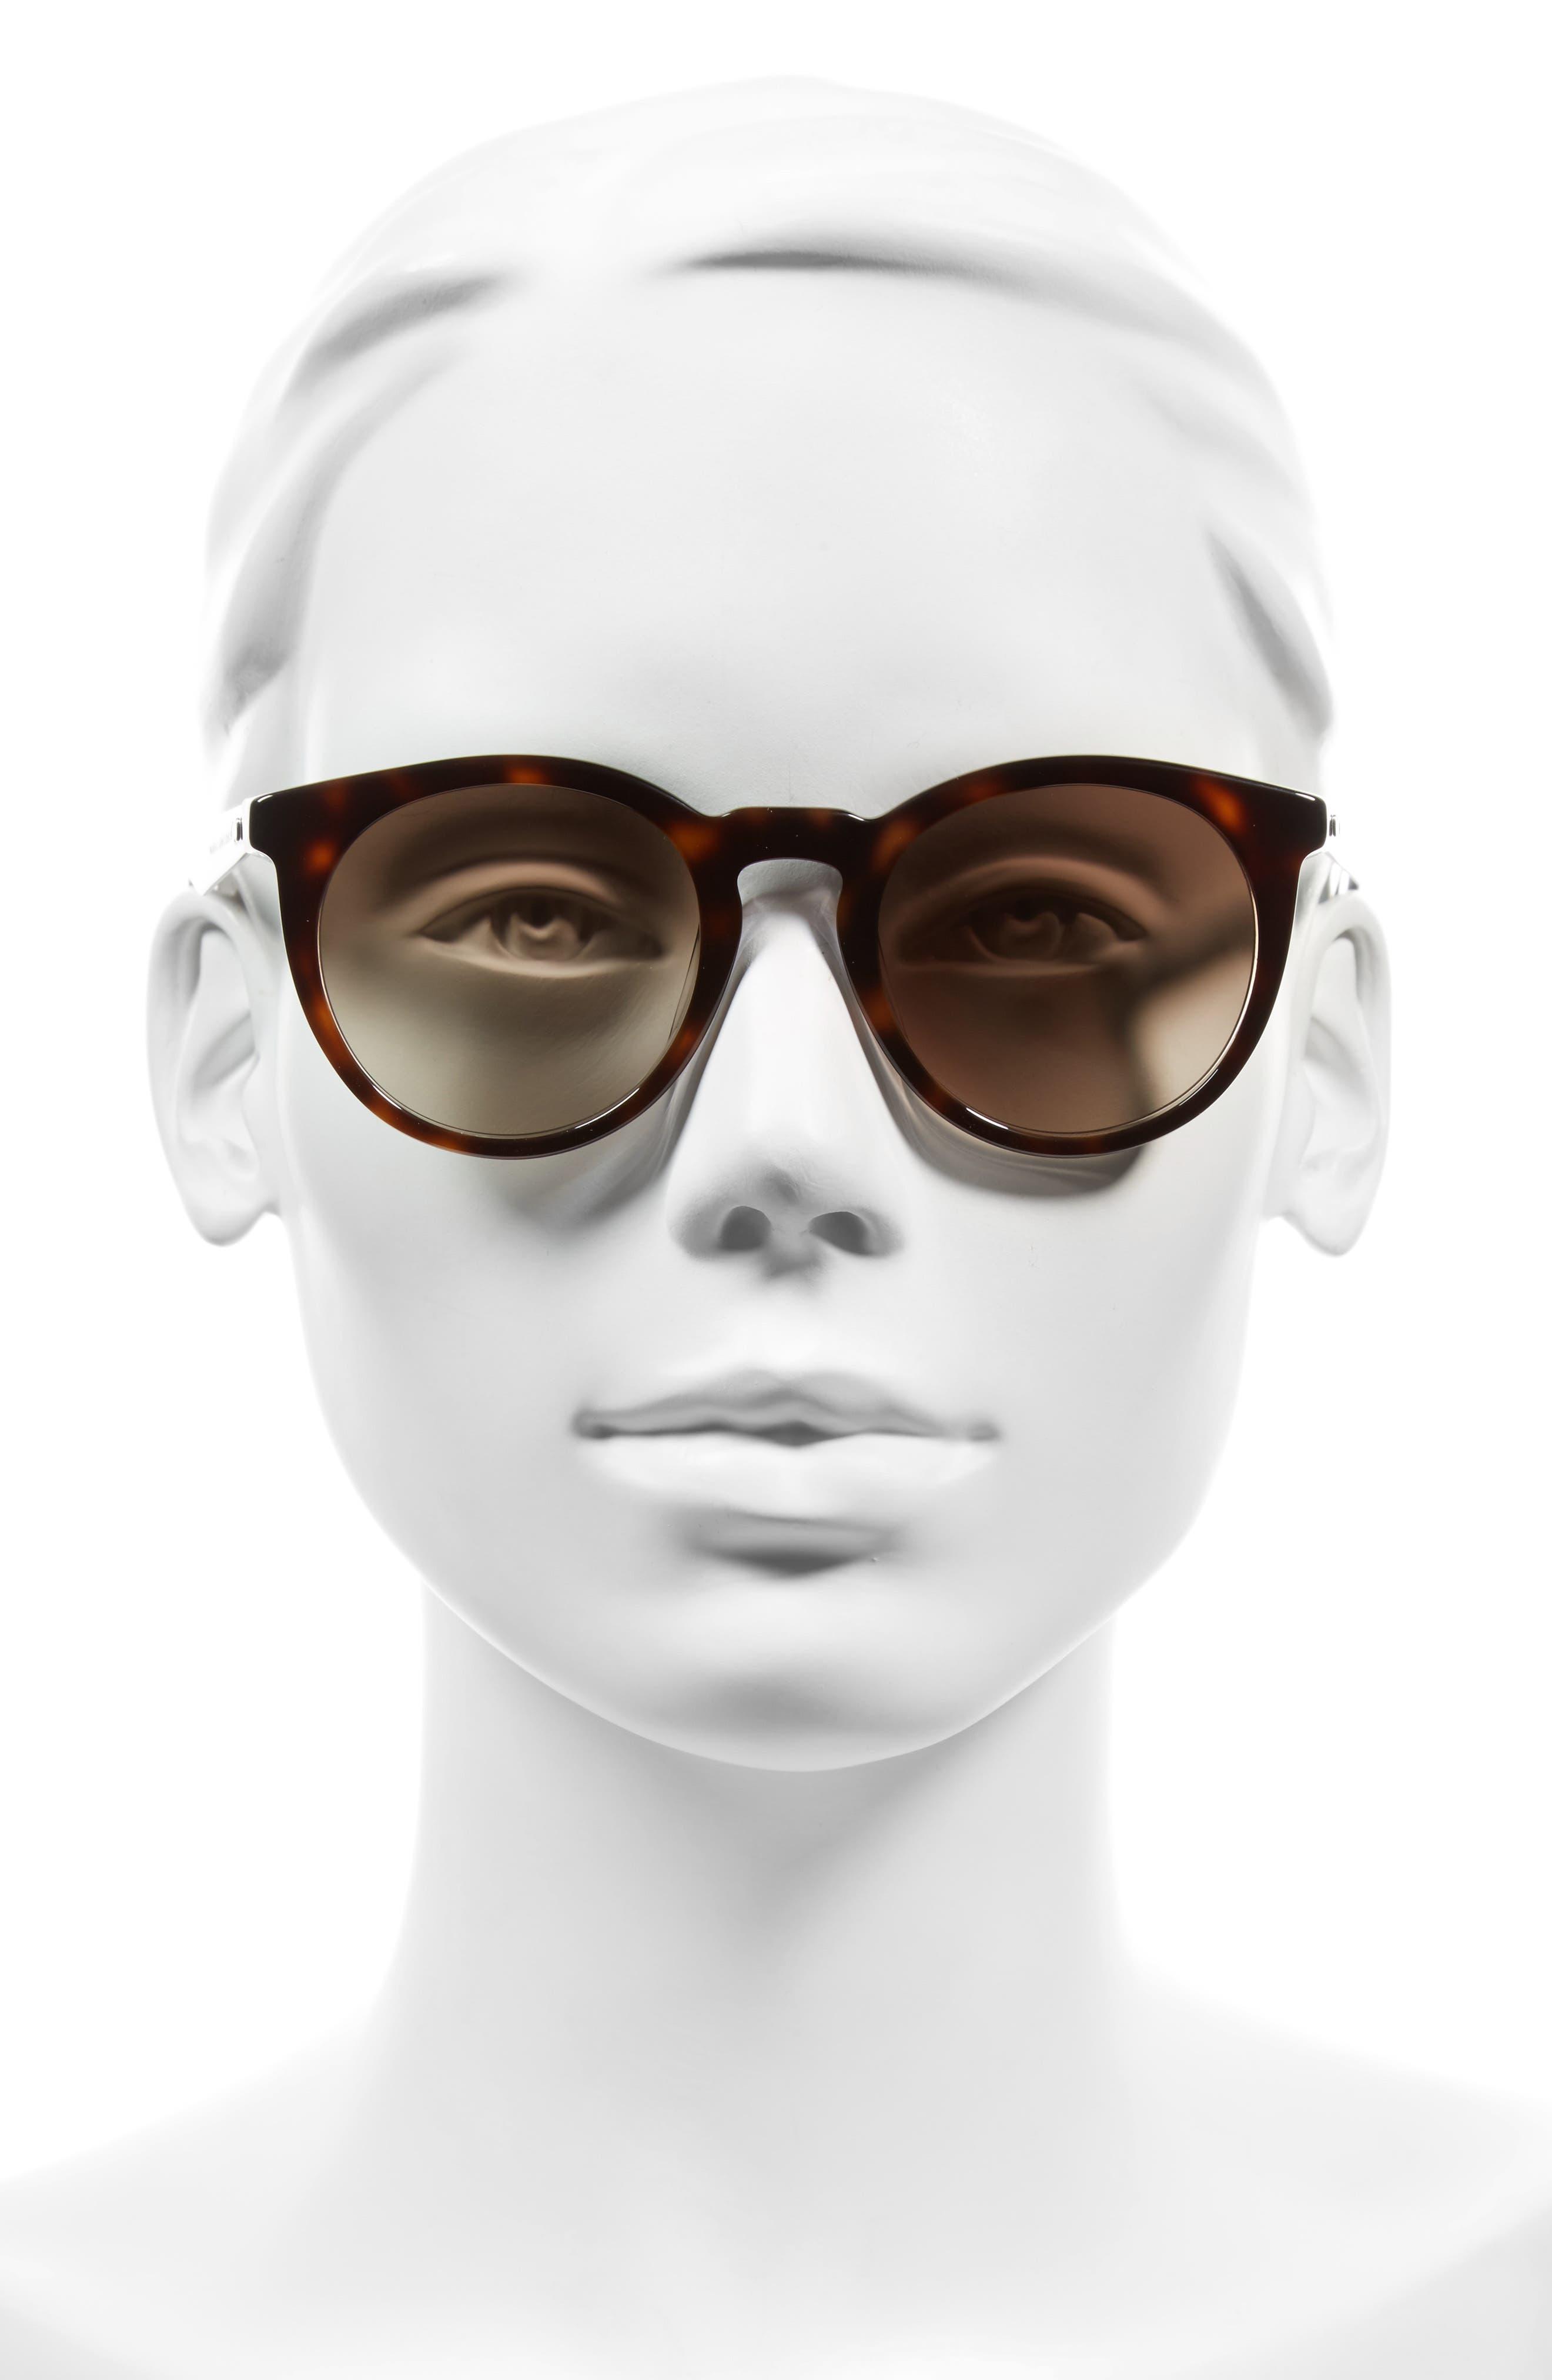 47mm Keyhole Sunglasses,                             Alternate thumbnail 2, color,                             Havana Crystal